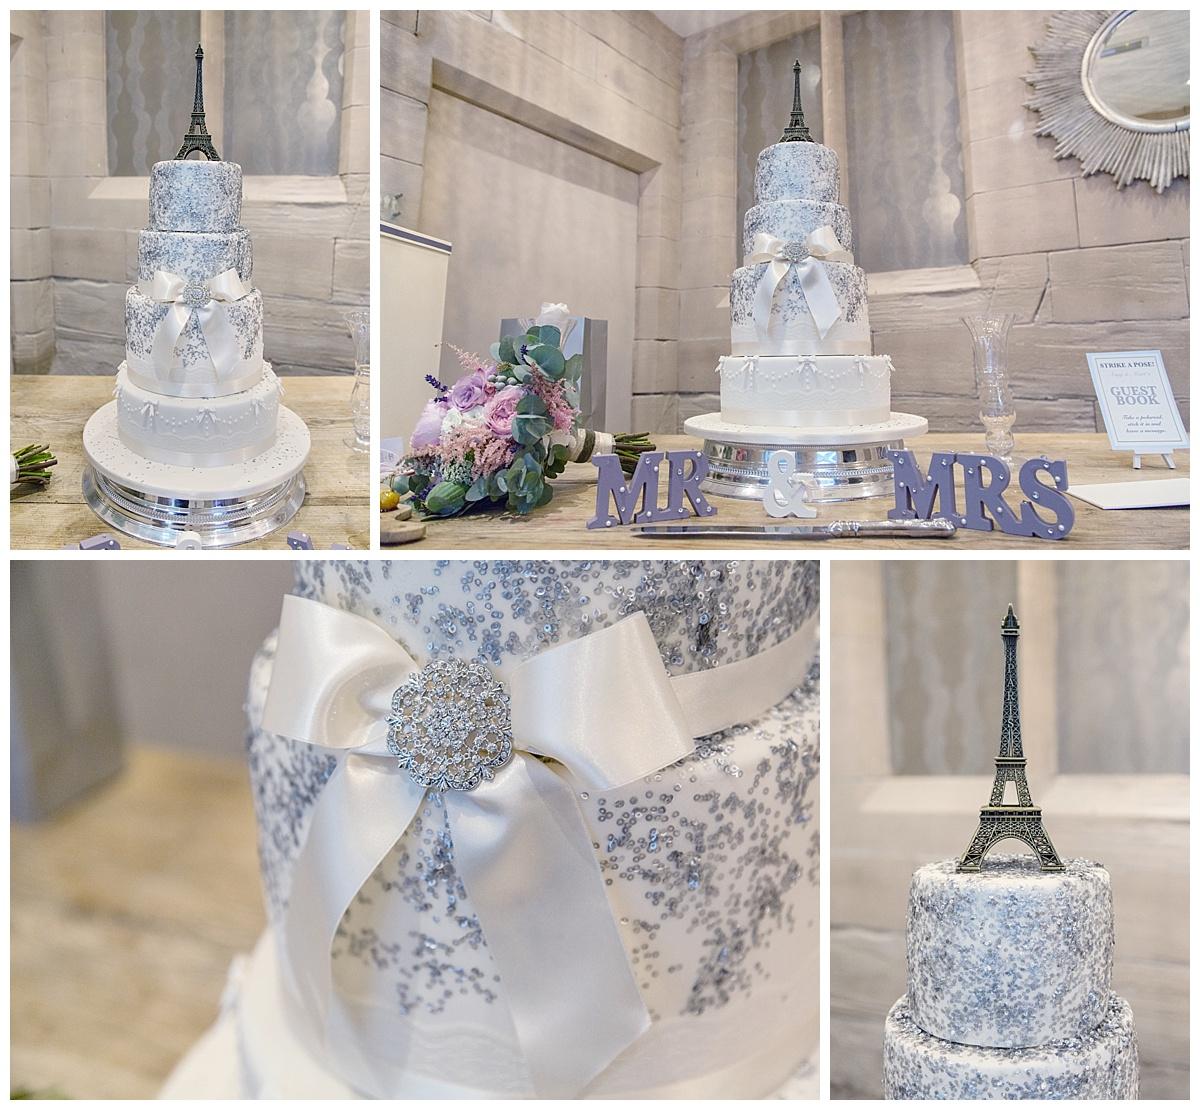 elite cake designs